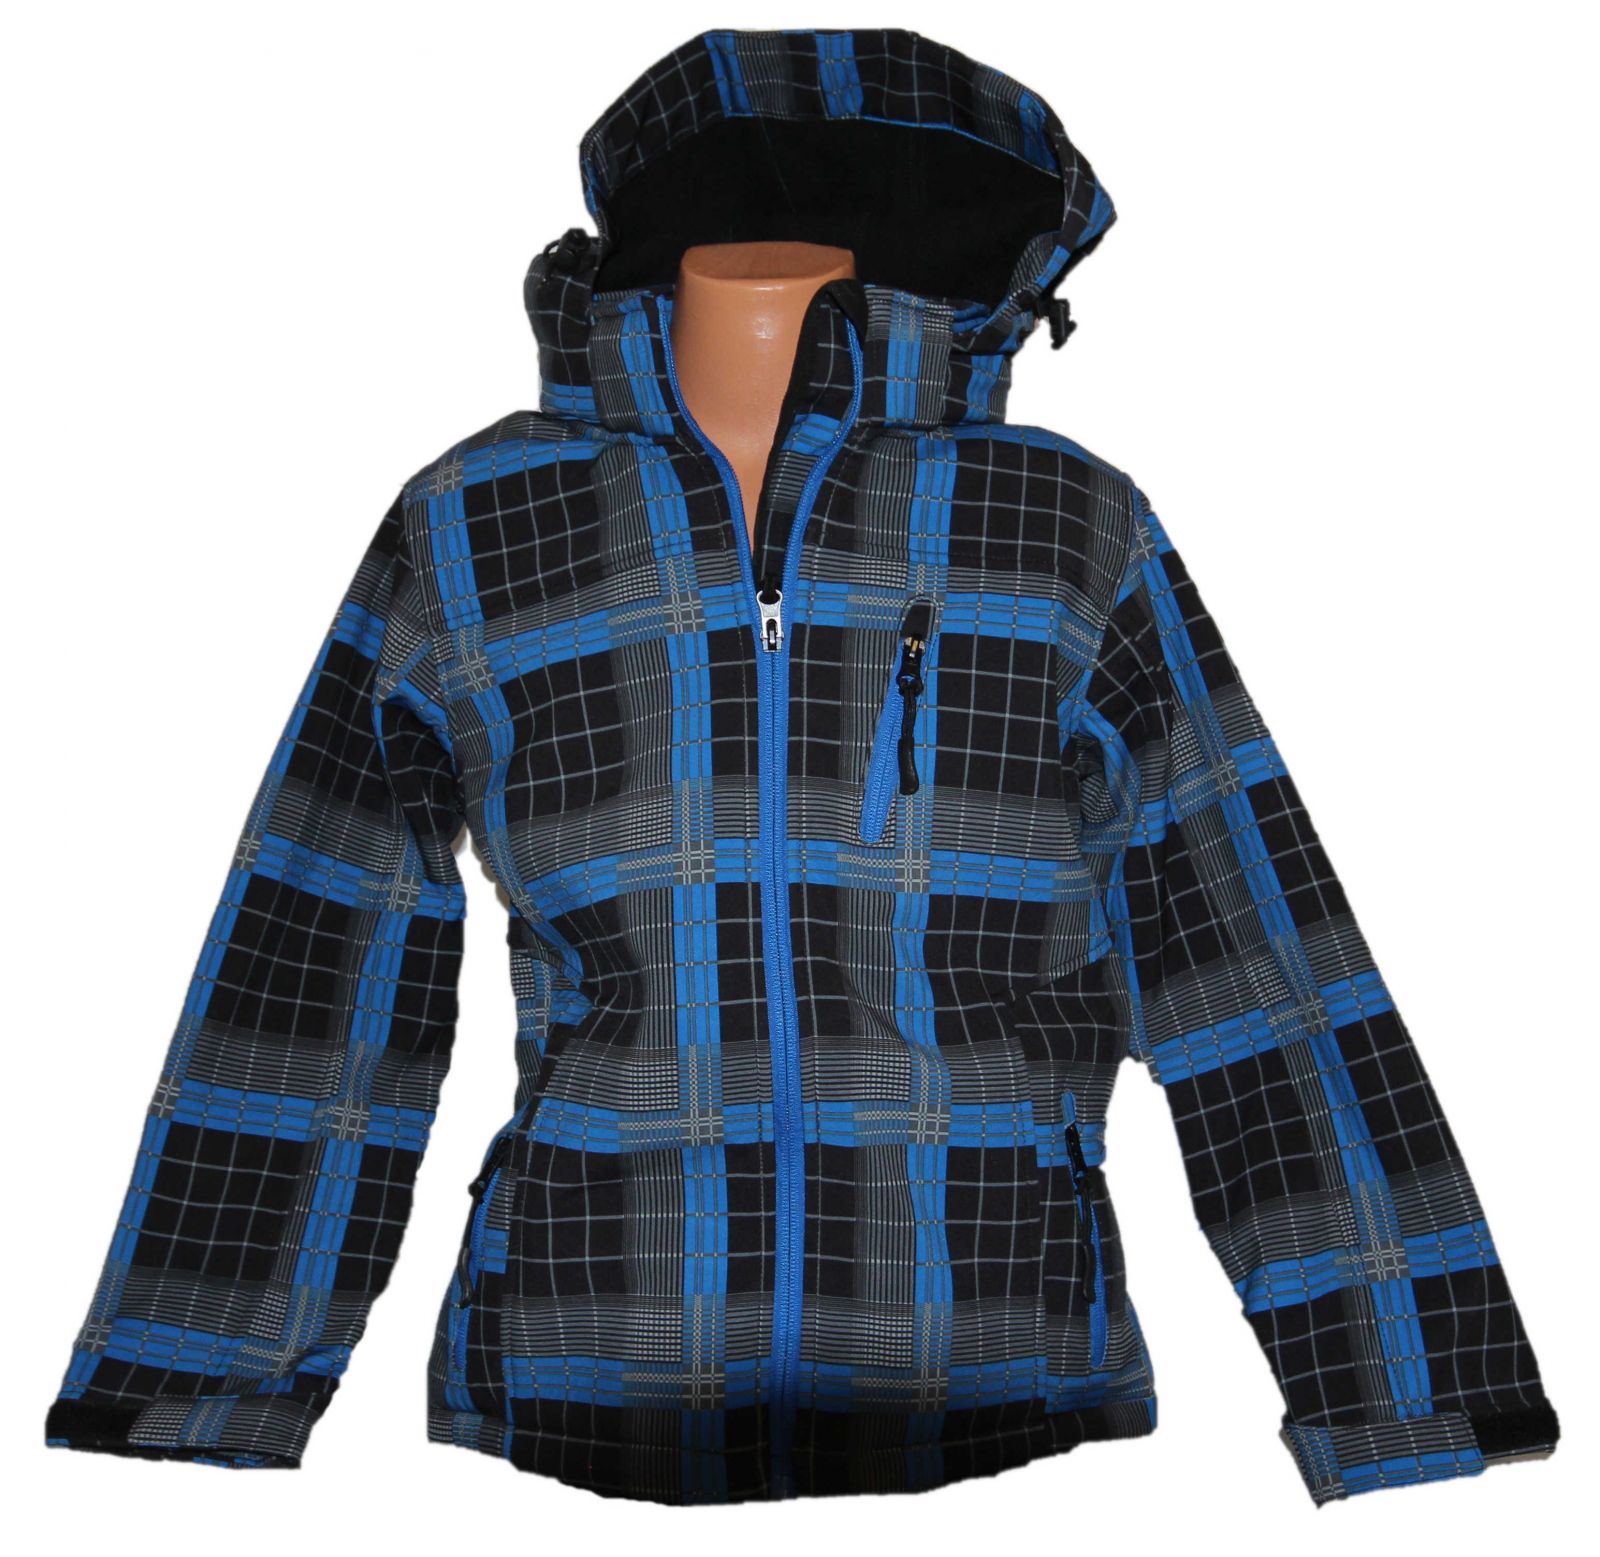 Dětská jarní softshellová bunda Fashion, dívčí softshellová bunda, chlapecká softshellová bunda, jarní bundy, podzimní bunda